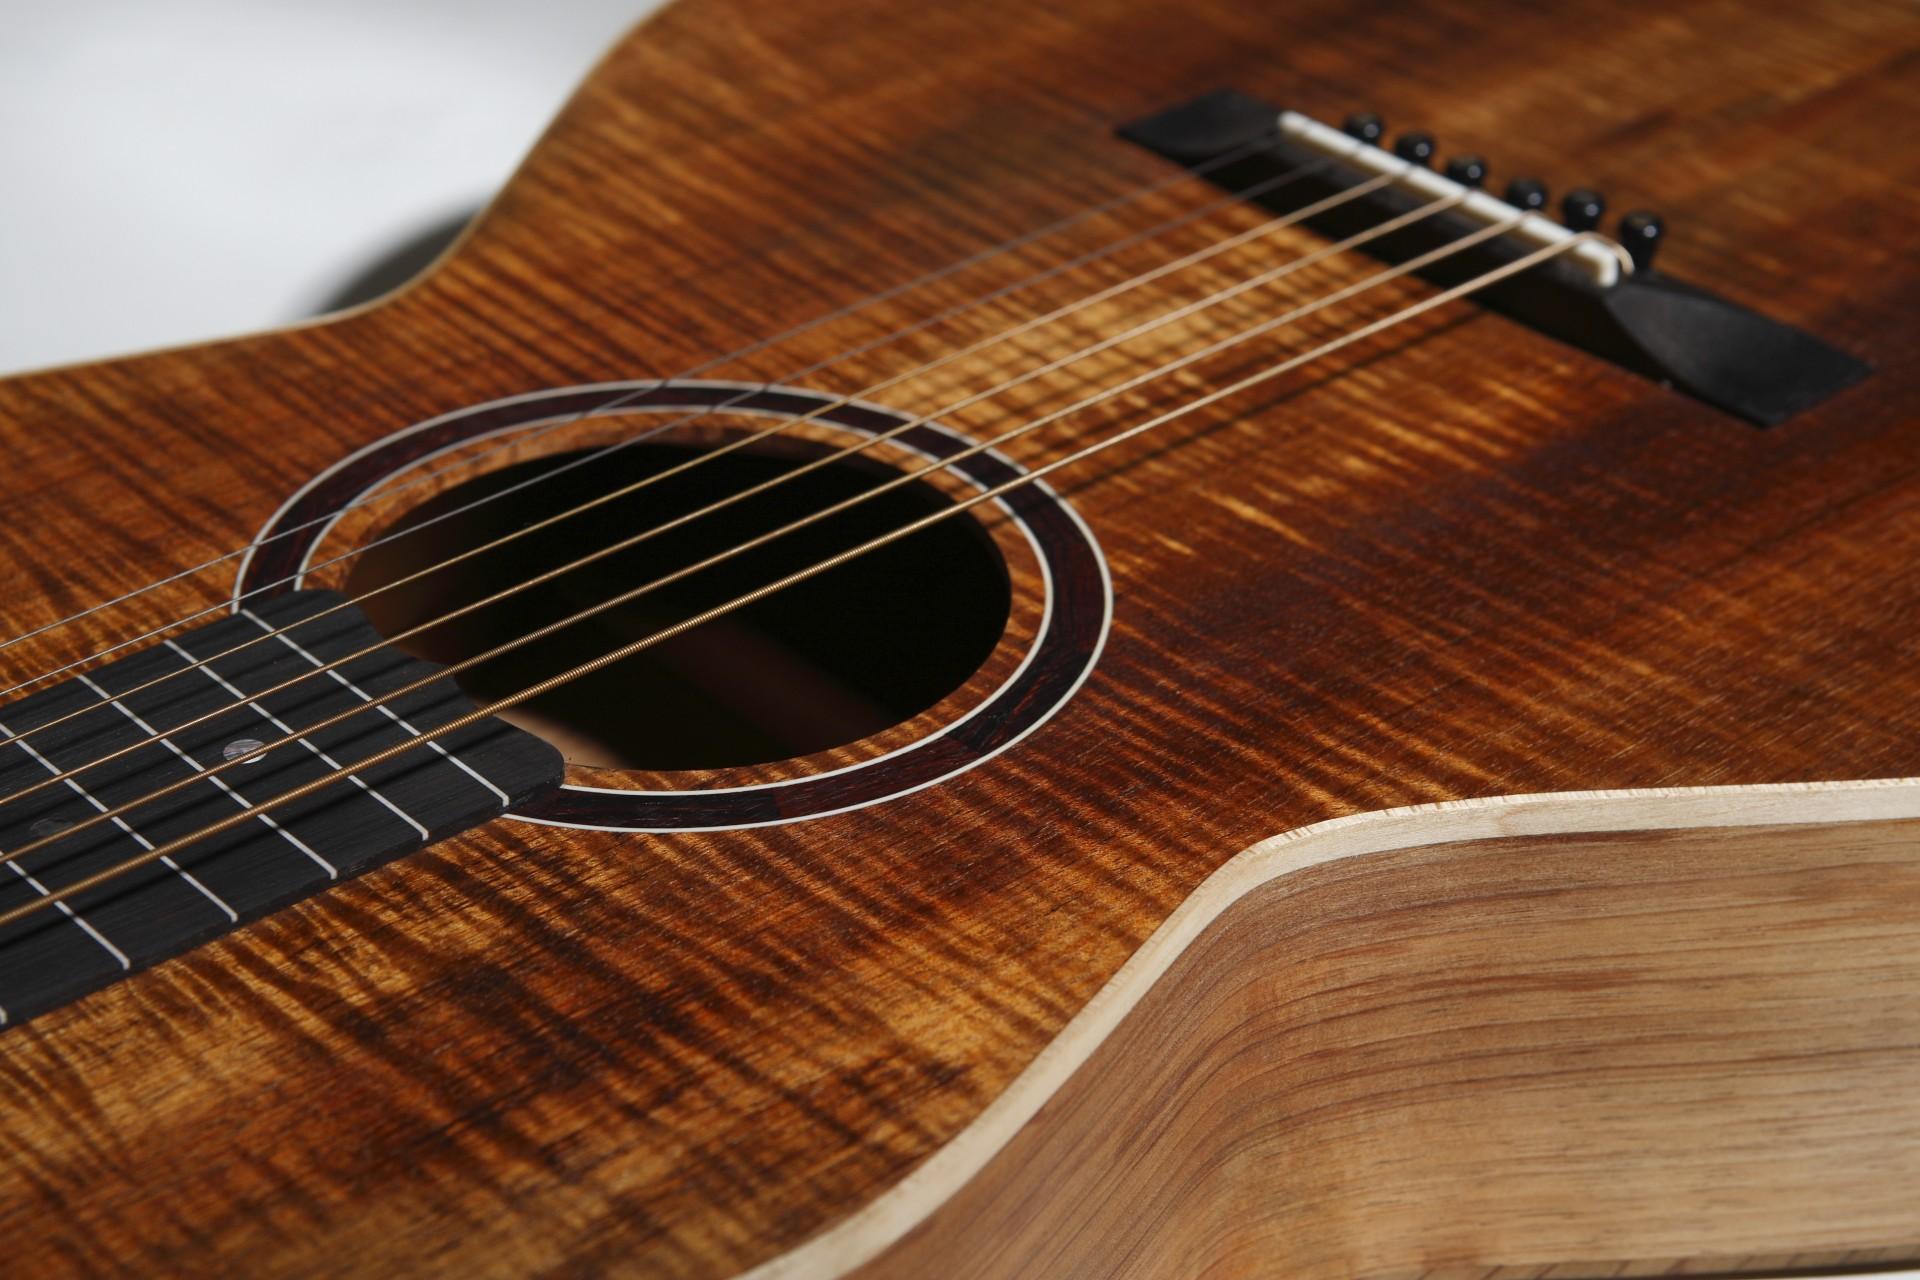 ellis weissenborn lap steel guitar